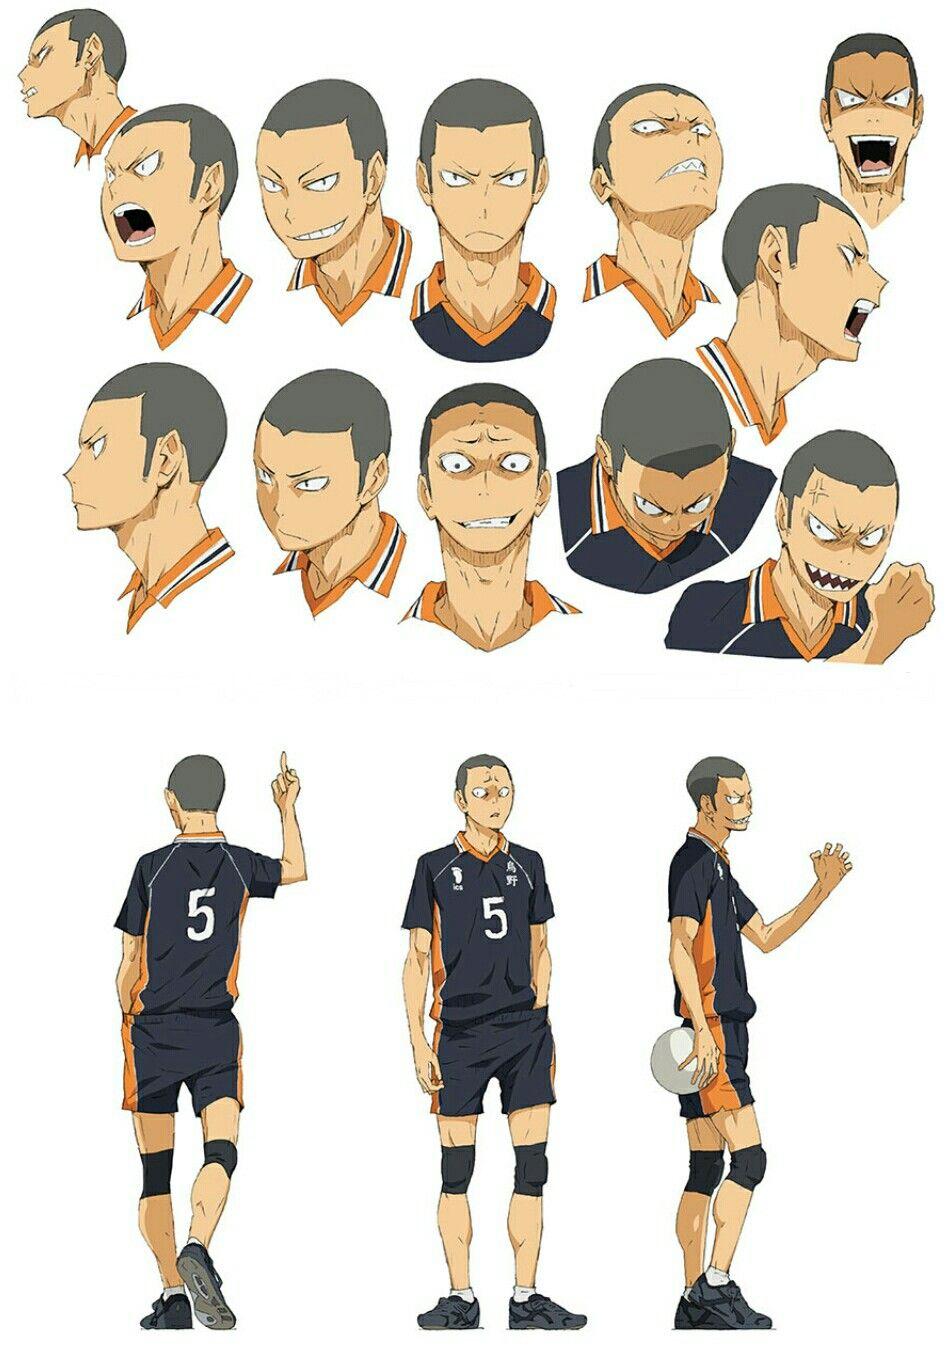 Karasuno Tanaka Ryunosuke Number 5 Wing Spiker Intimidation Face Haikyuu Anime Haikyuu Characters Tanaka Haikyuu